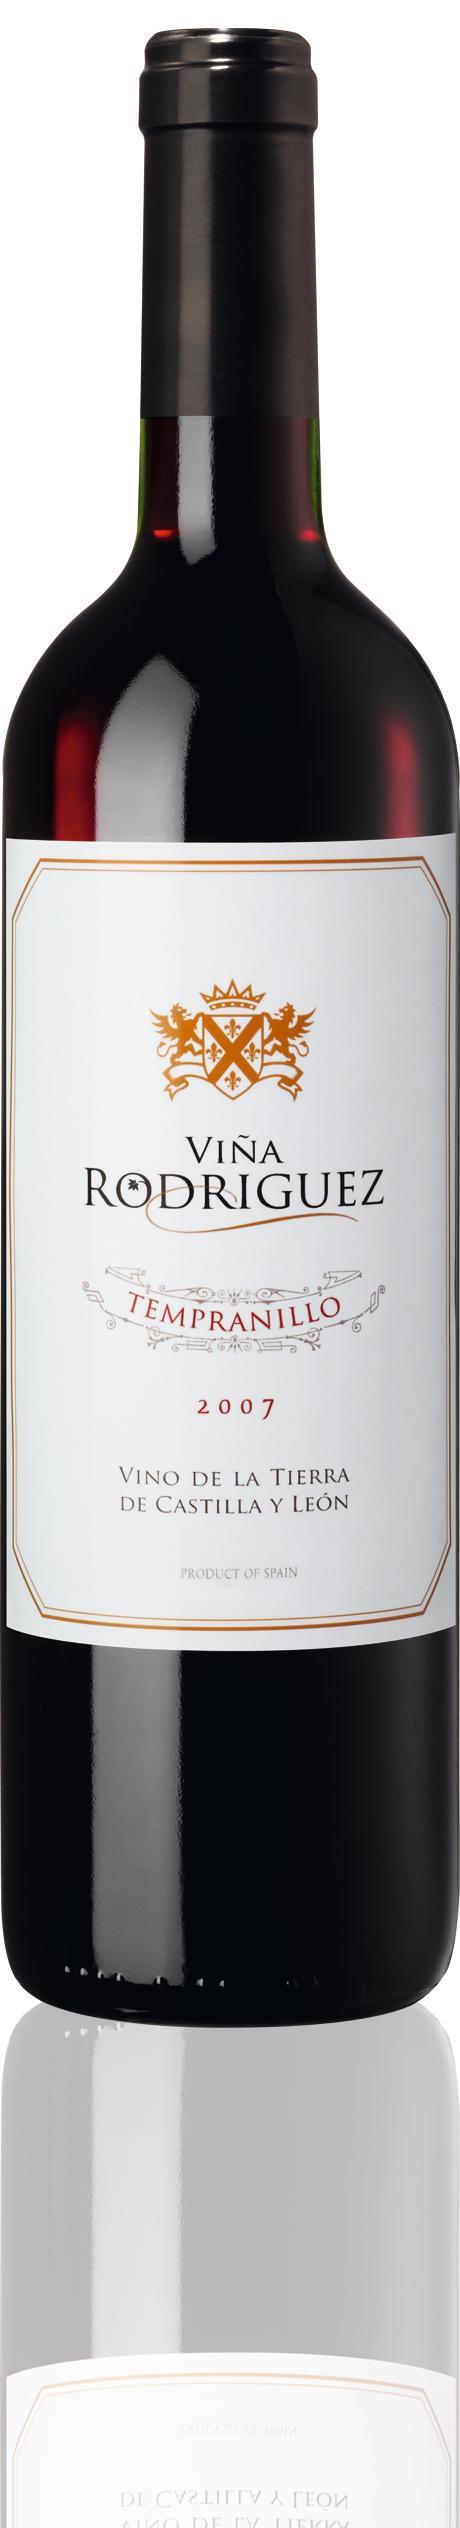 Vina Rodriguez